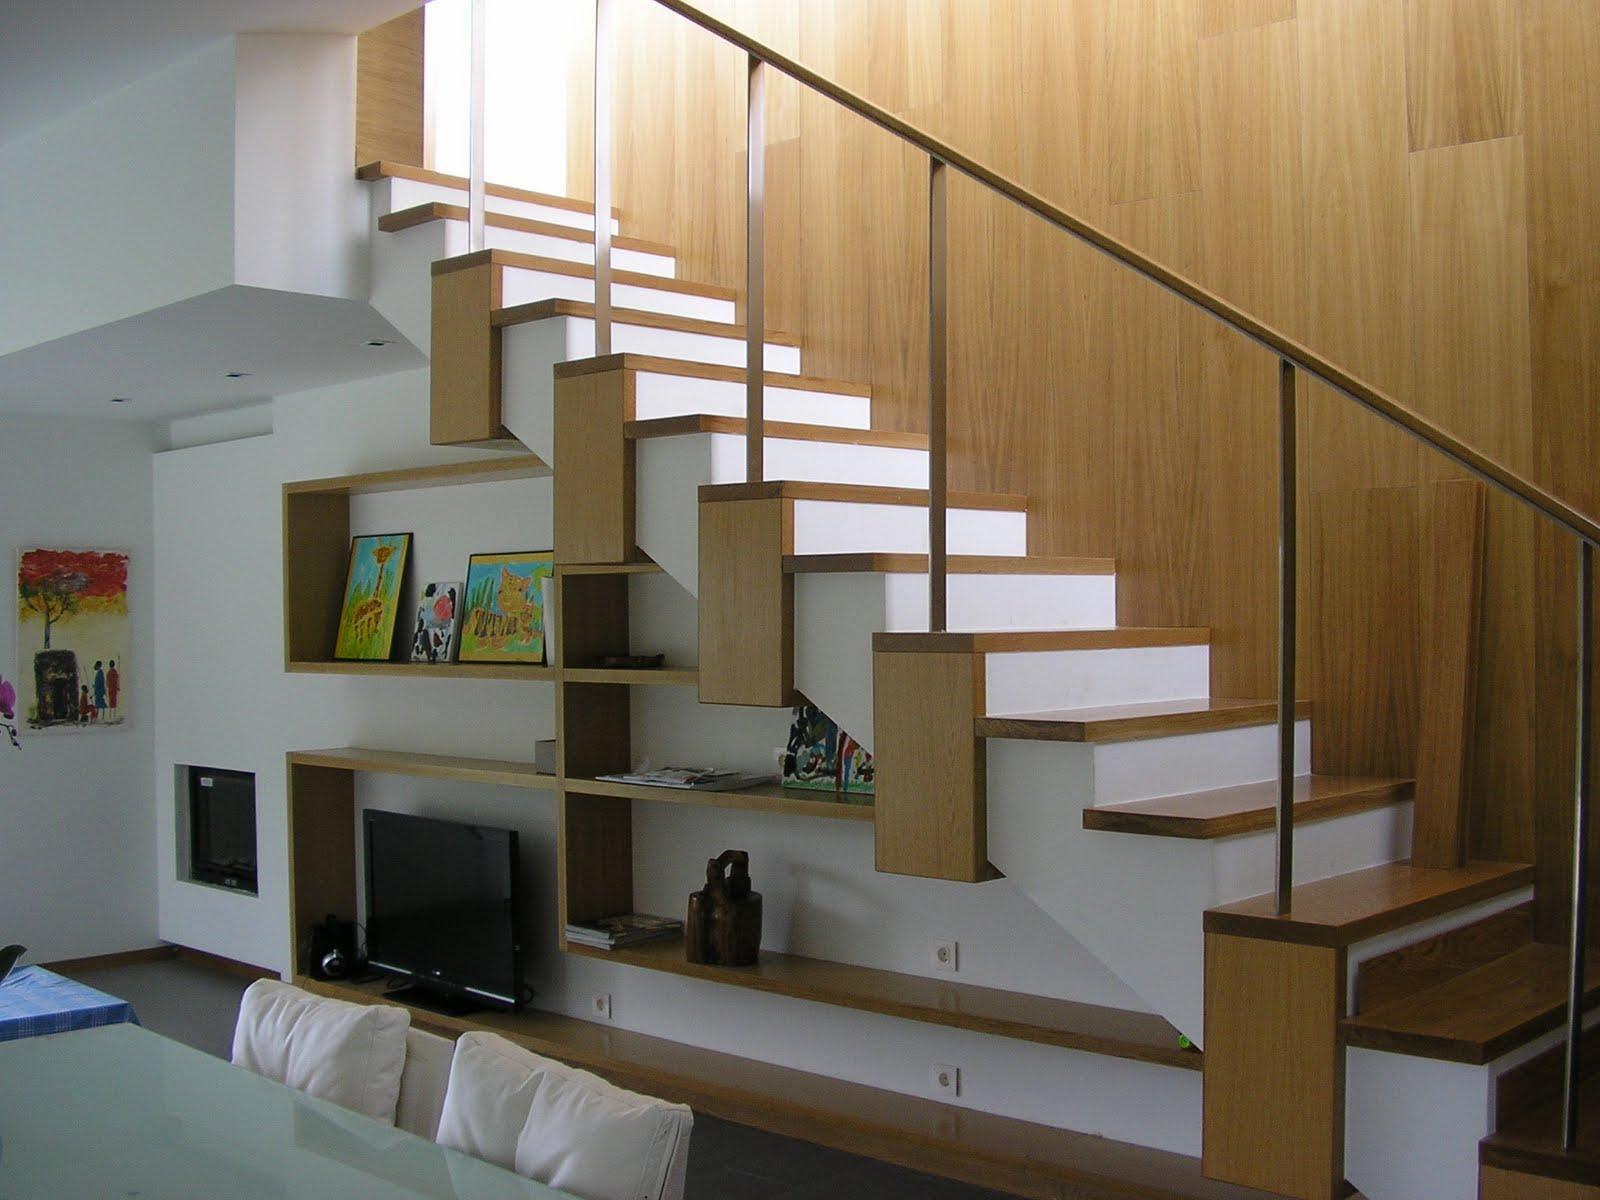 Lk conjunto de escalera y estanteria y revestimiento de pared en vivienda unifamiliar - Escaleras para viviendas ...